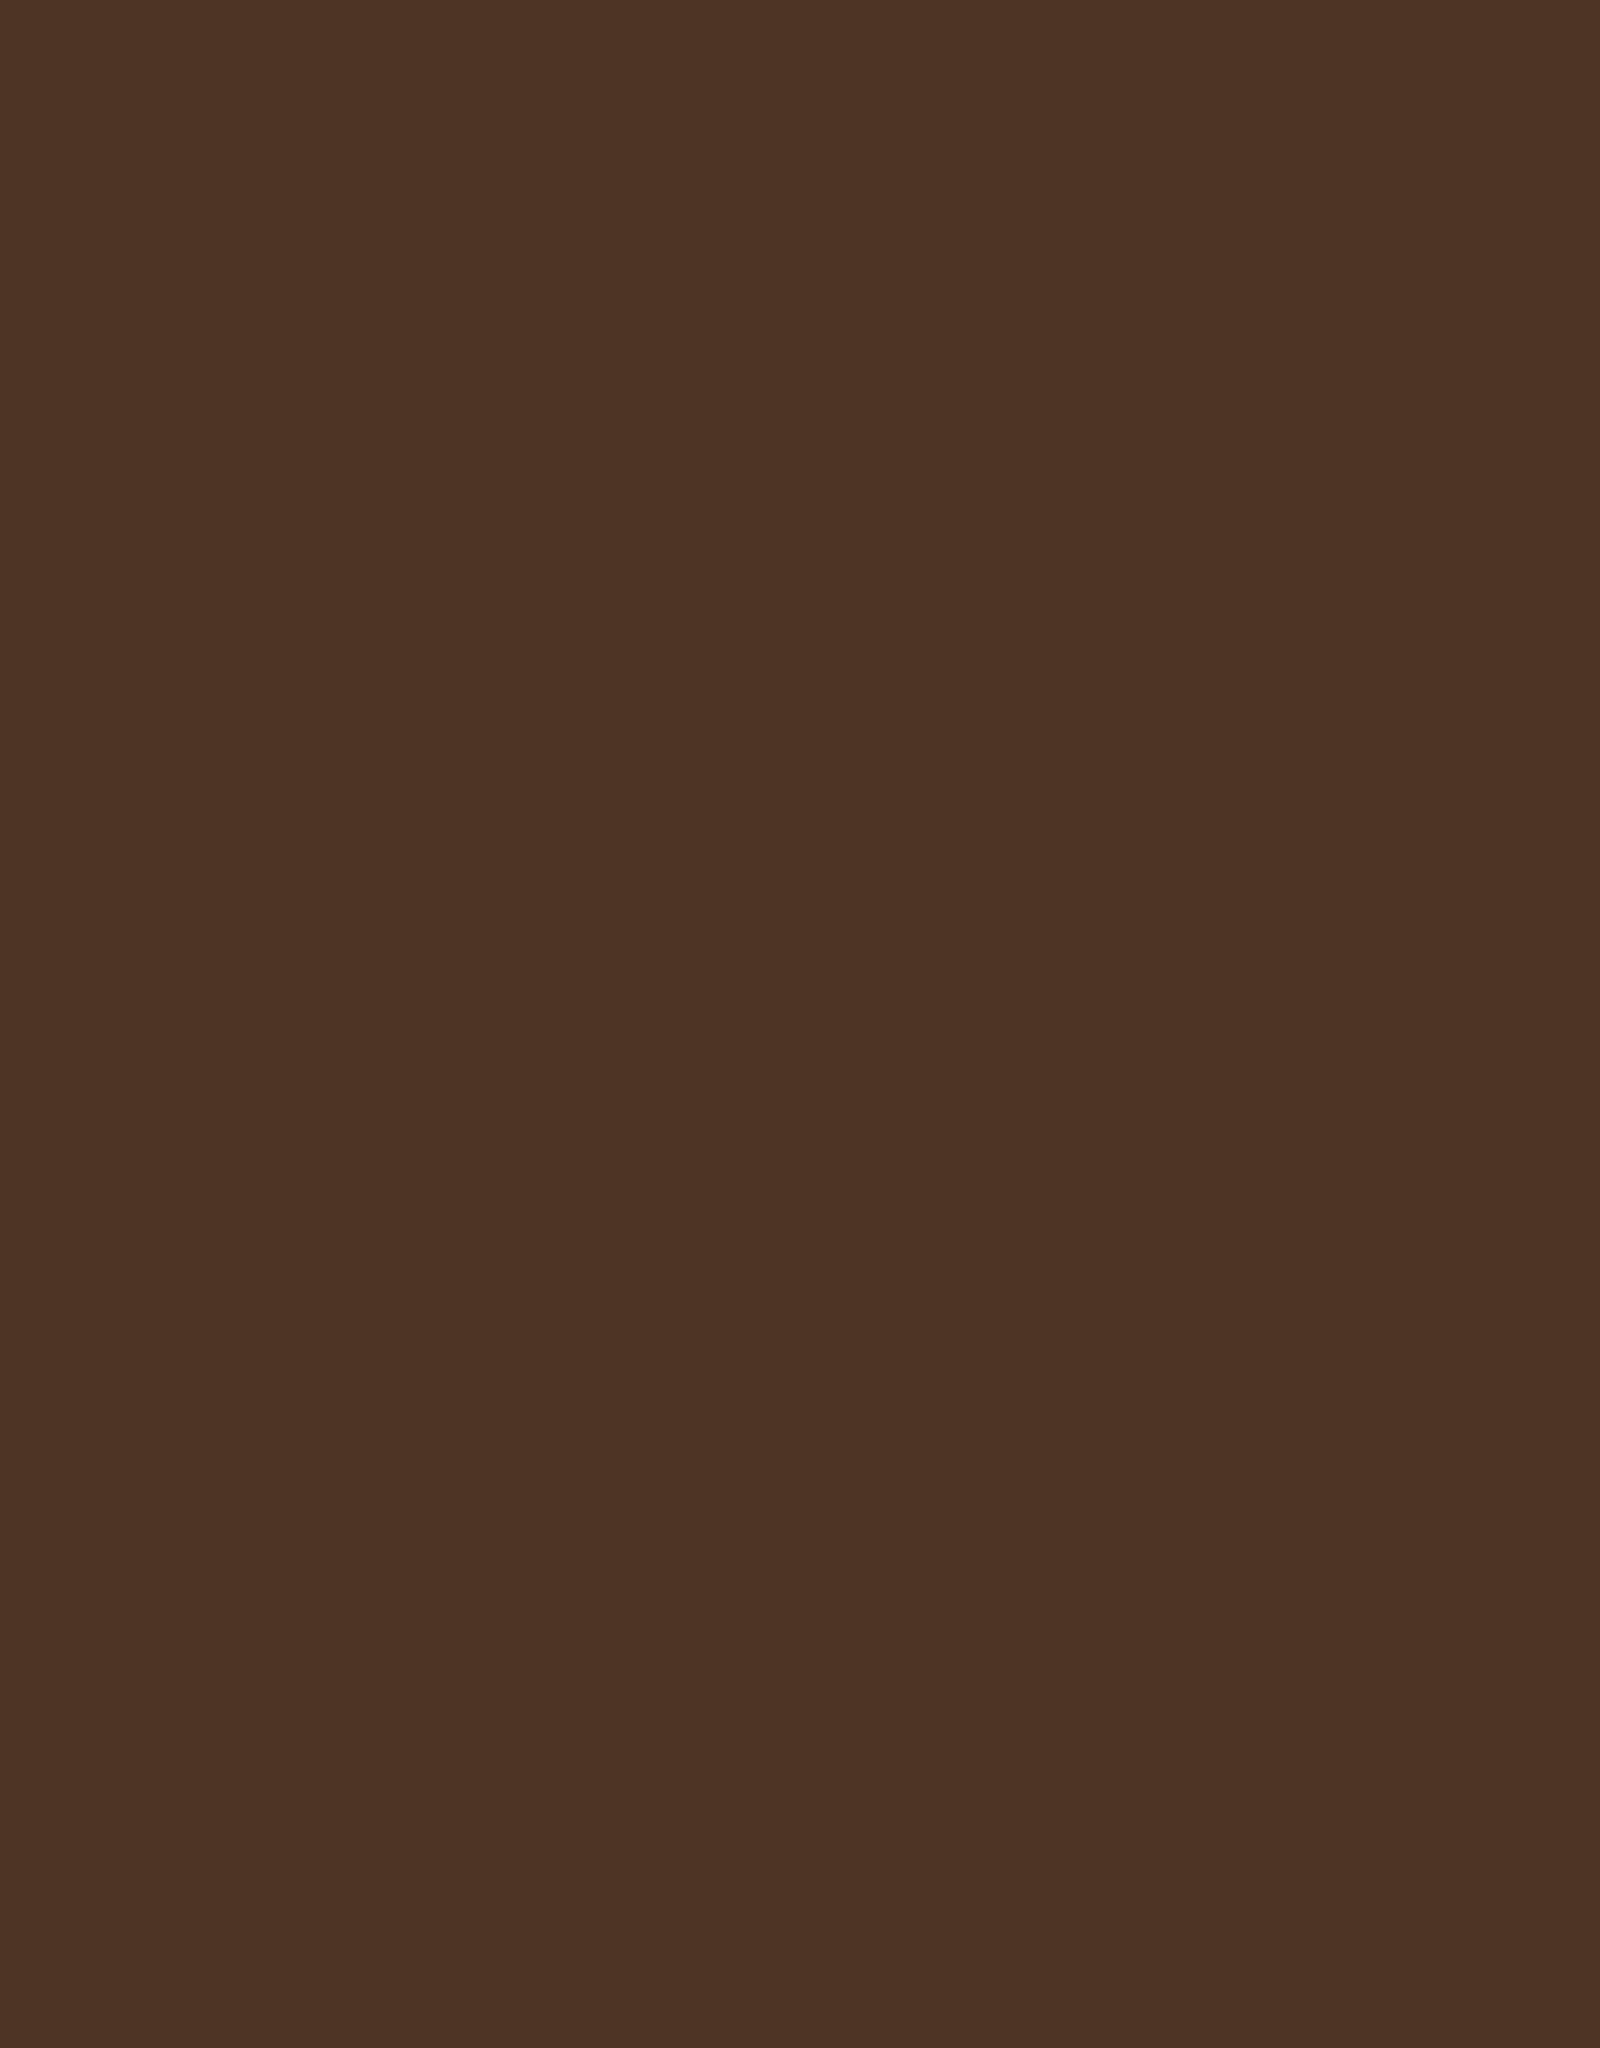 Trapsuutjies Dark Brown